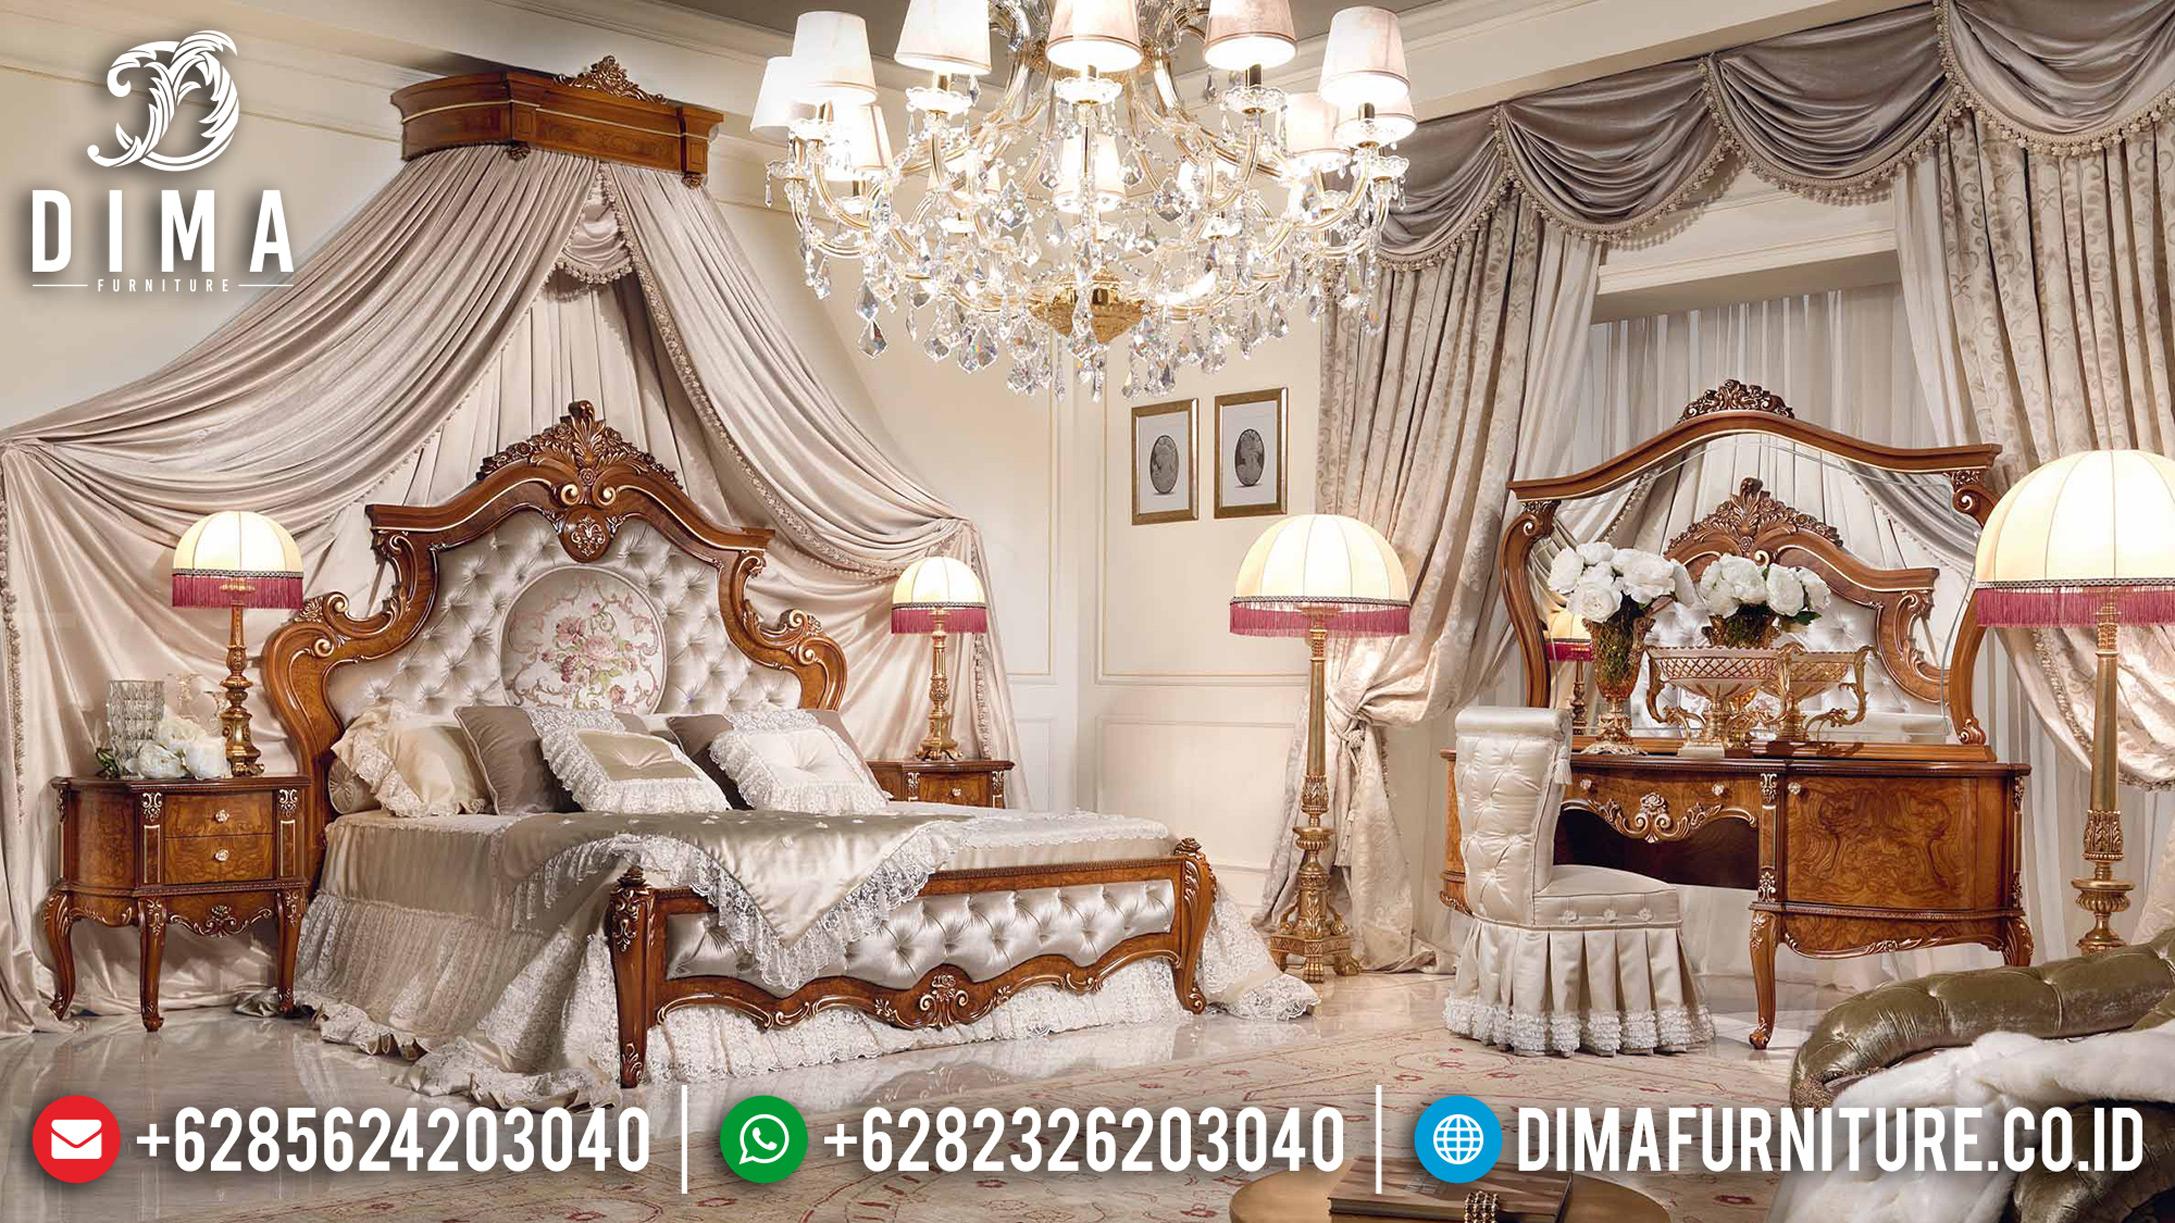 Tempat Tidur Mewah Jati, Kamar Set Jepara, Mebel Jepara Berkualitas DF-0681